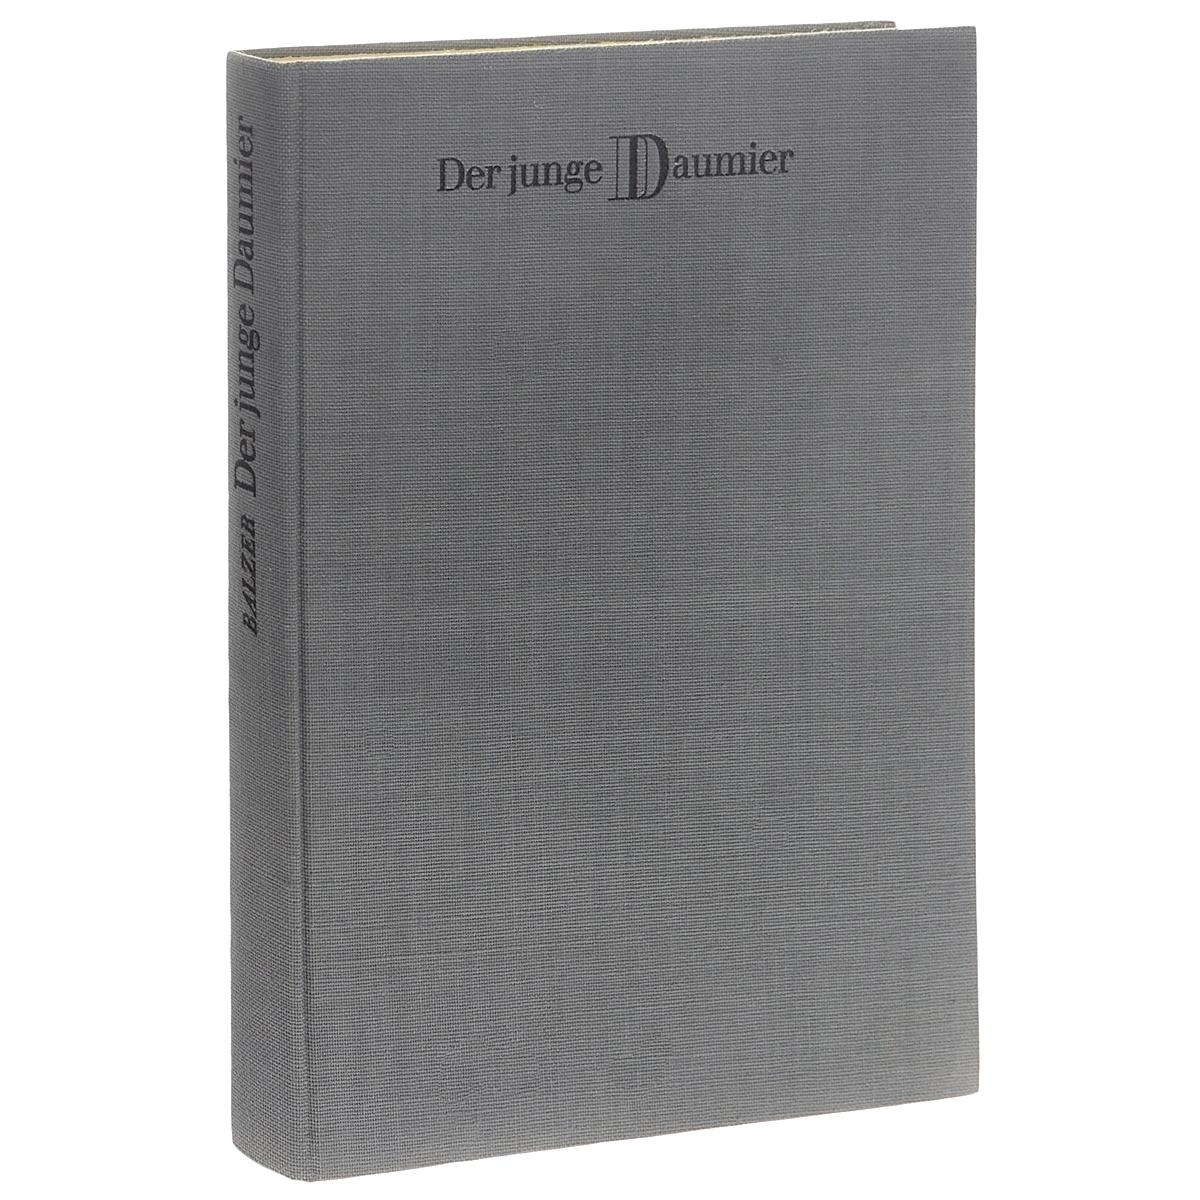 Wolfgang Balzer Der junge Daumier und seine Kampfgefahrten пилькер balzer lofoten